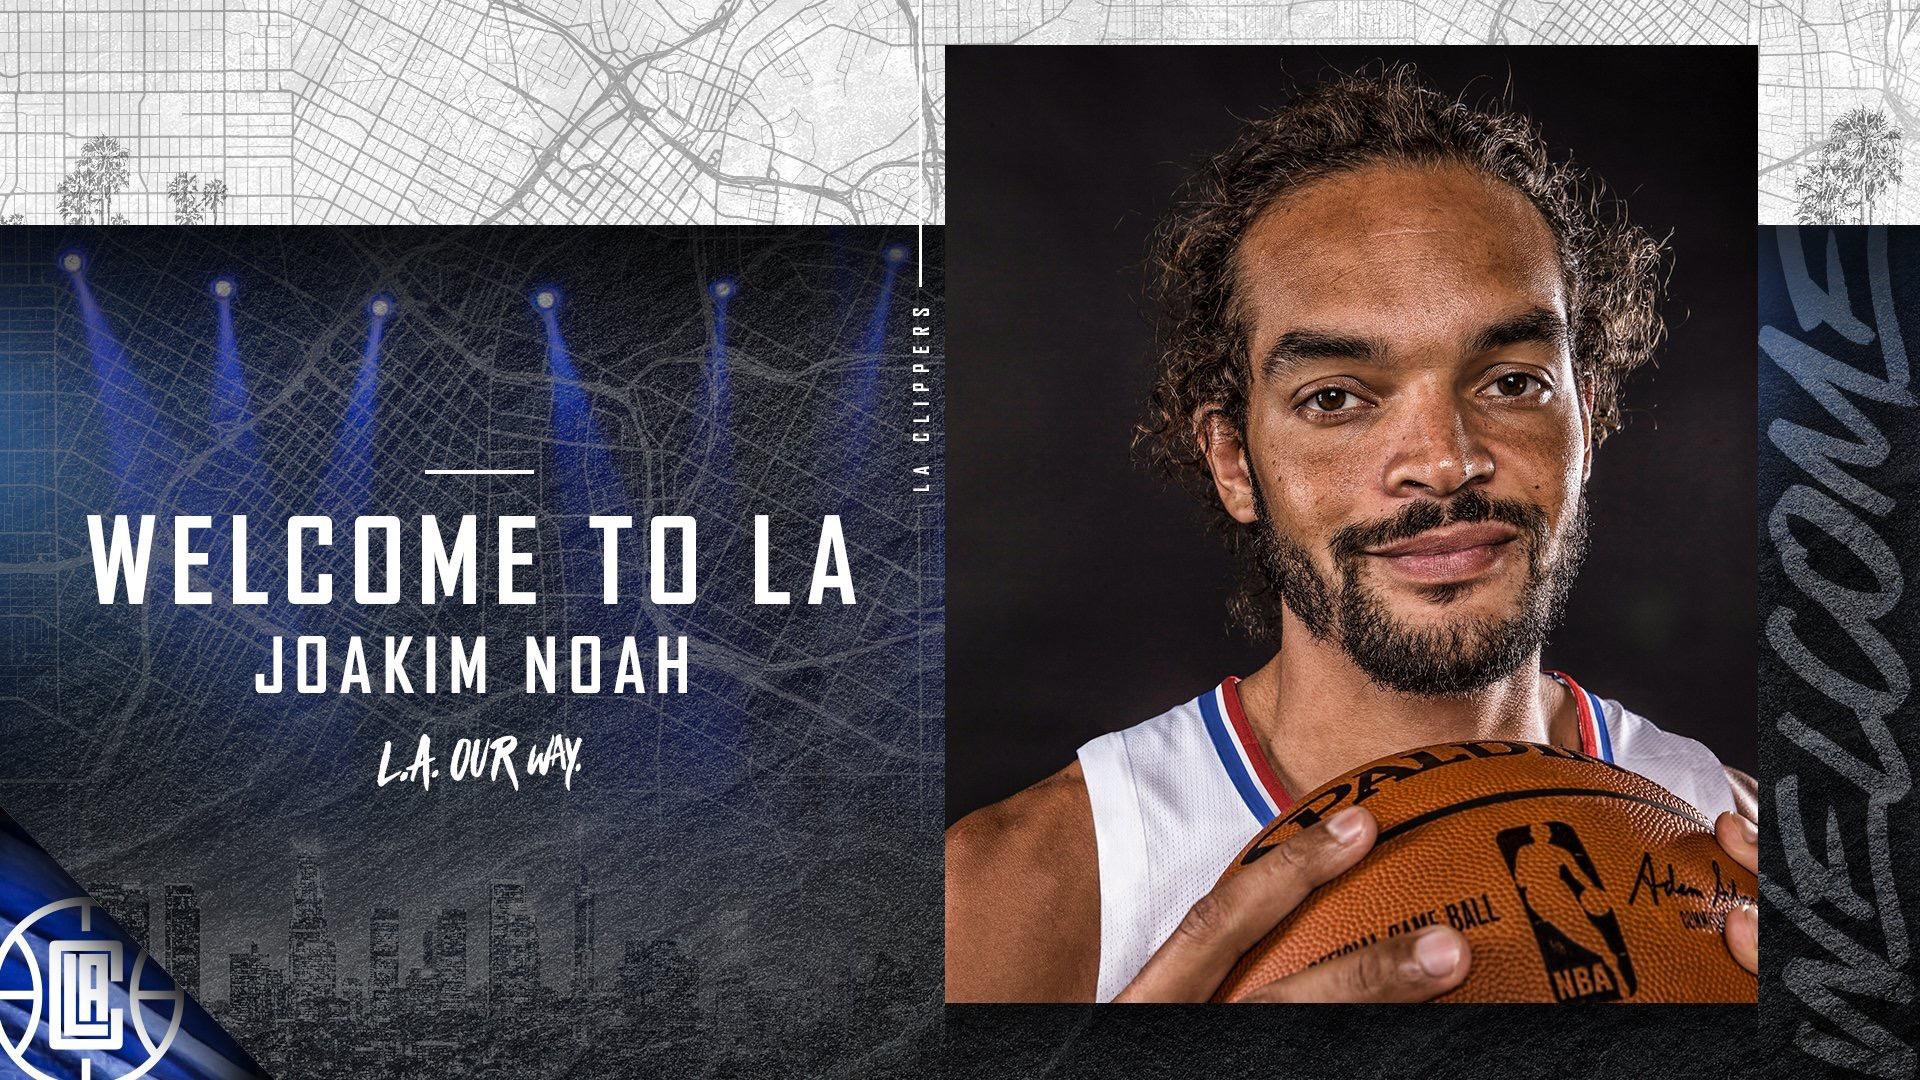 快船正式与诺阿签约十天短合同 回顾灰熊时期诺阿高光集锦_NBA每日重磅